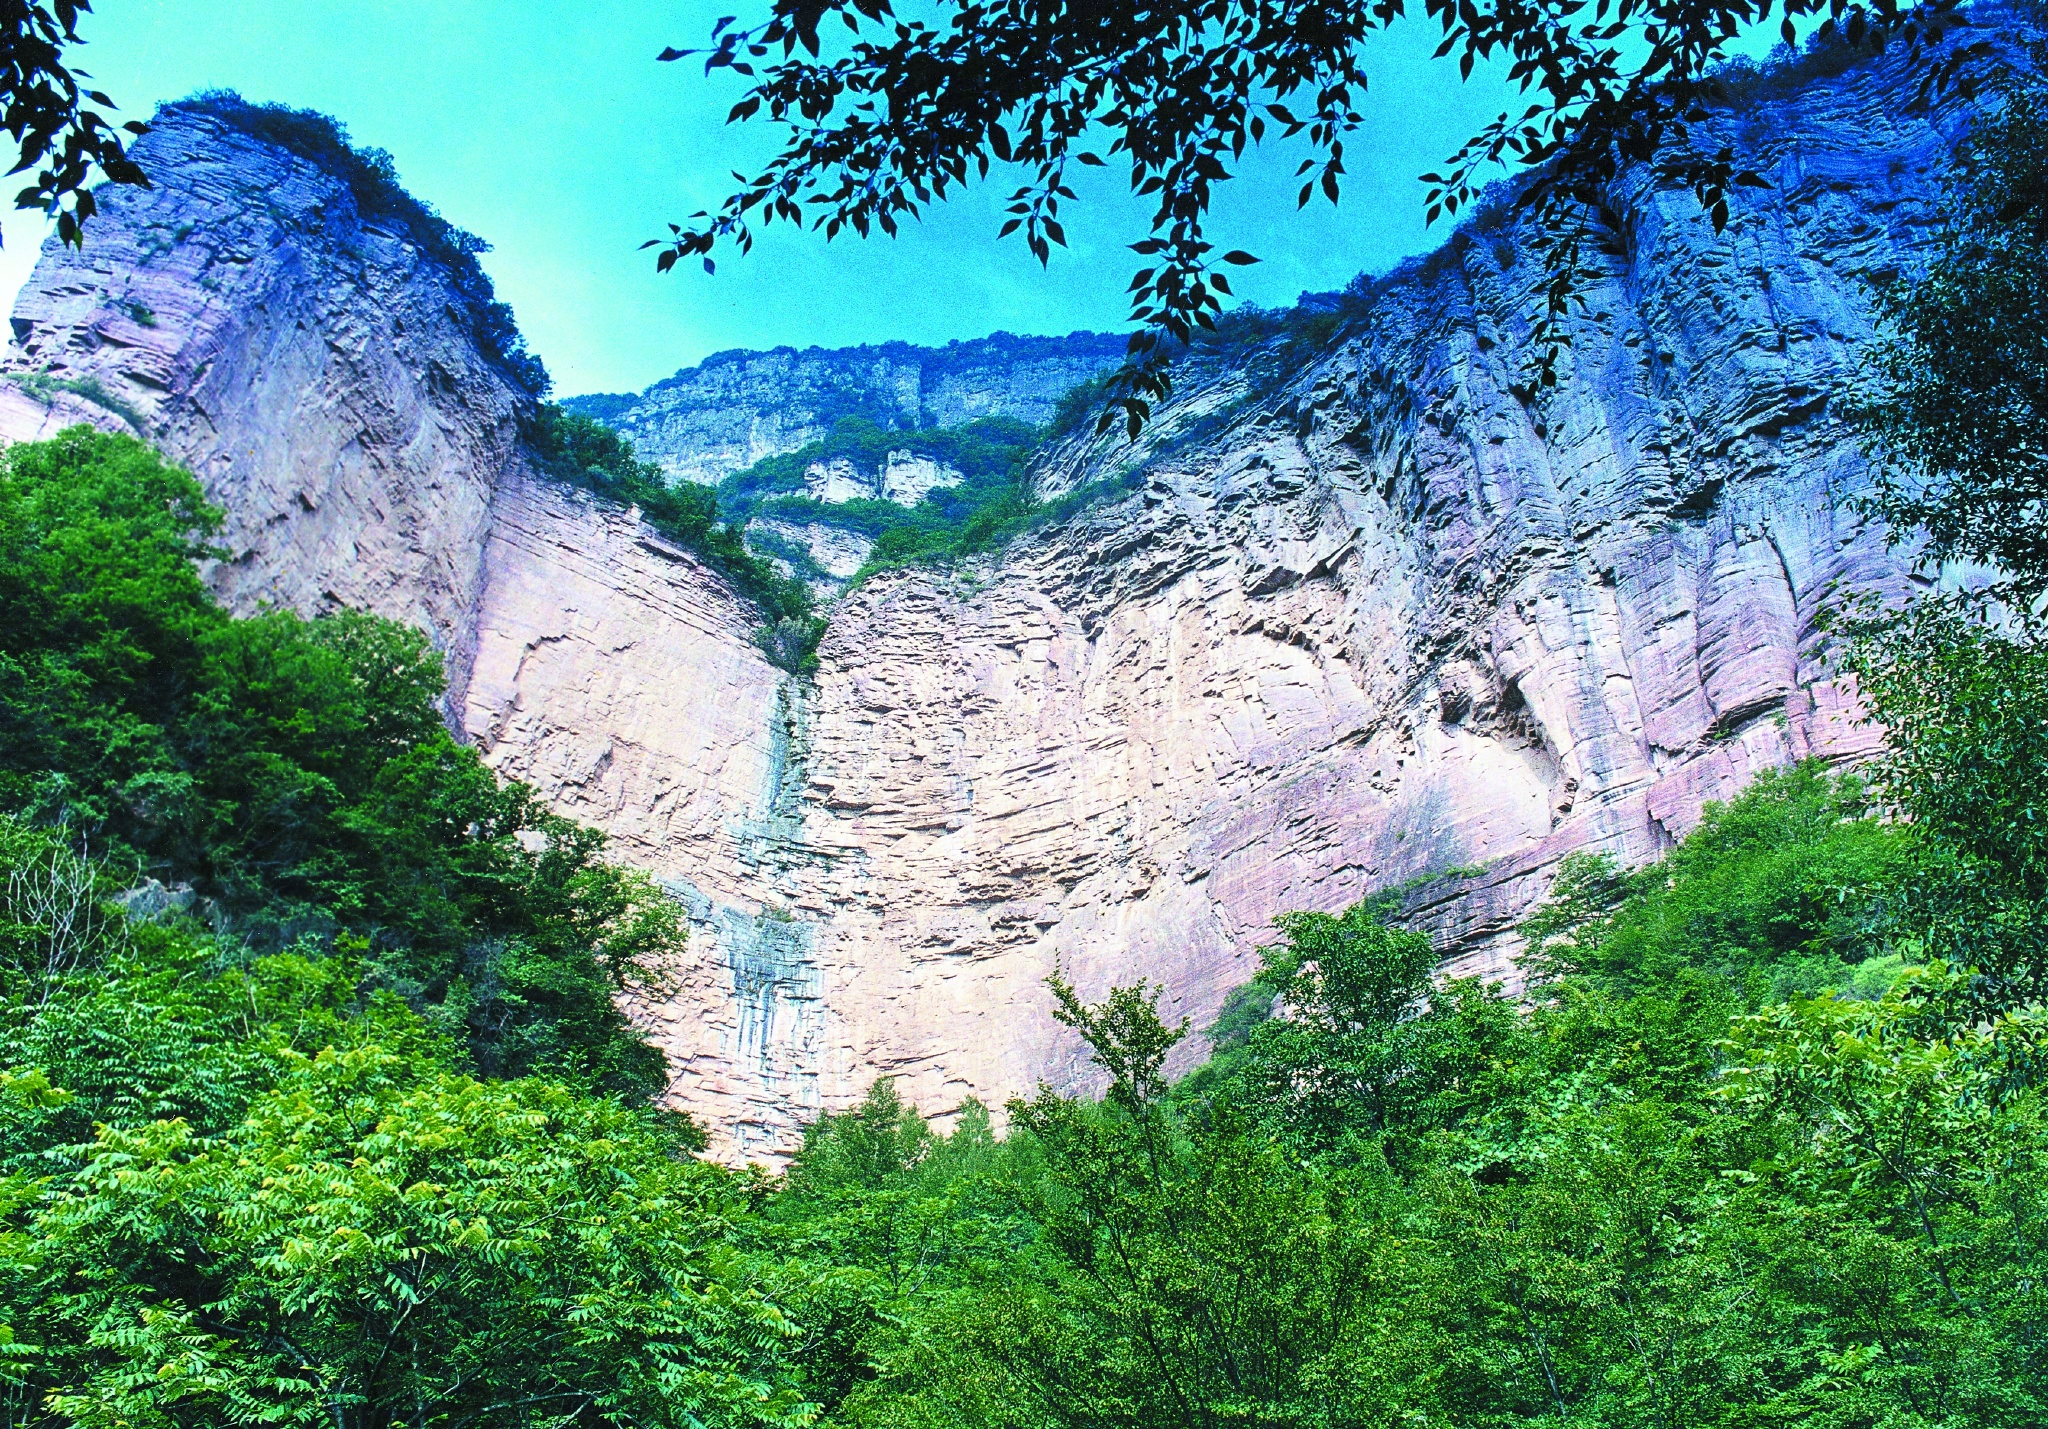 同为4a级景区,赞皇县的嶂石岩和棋盘山有啥不同